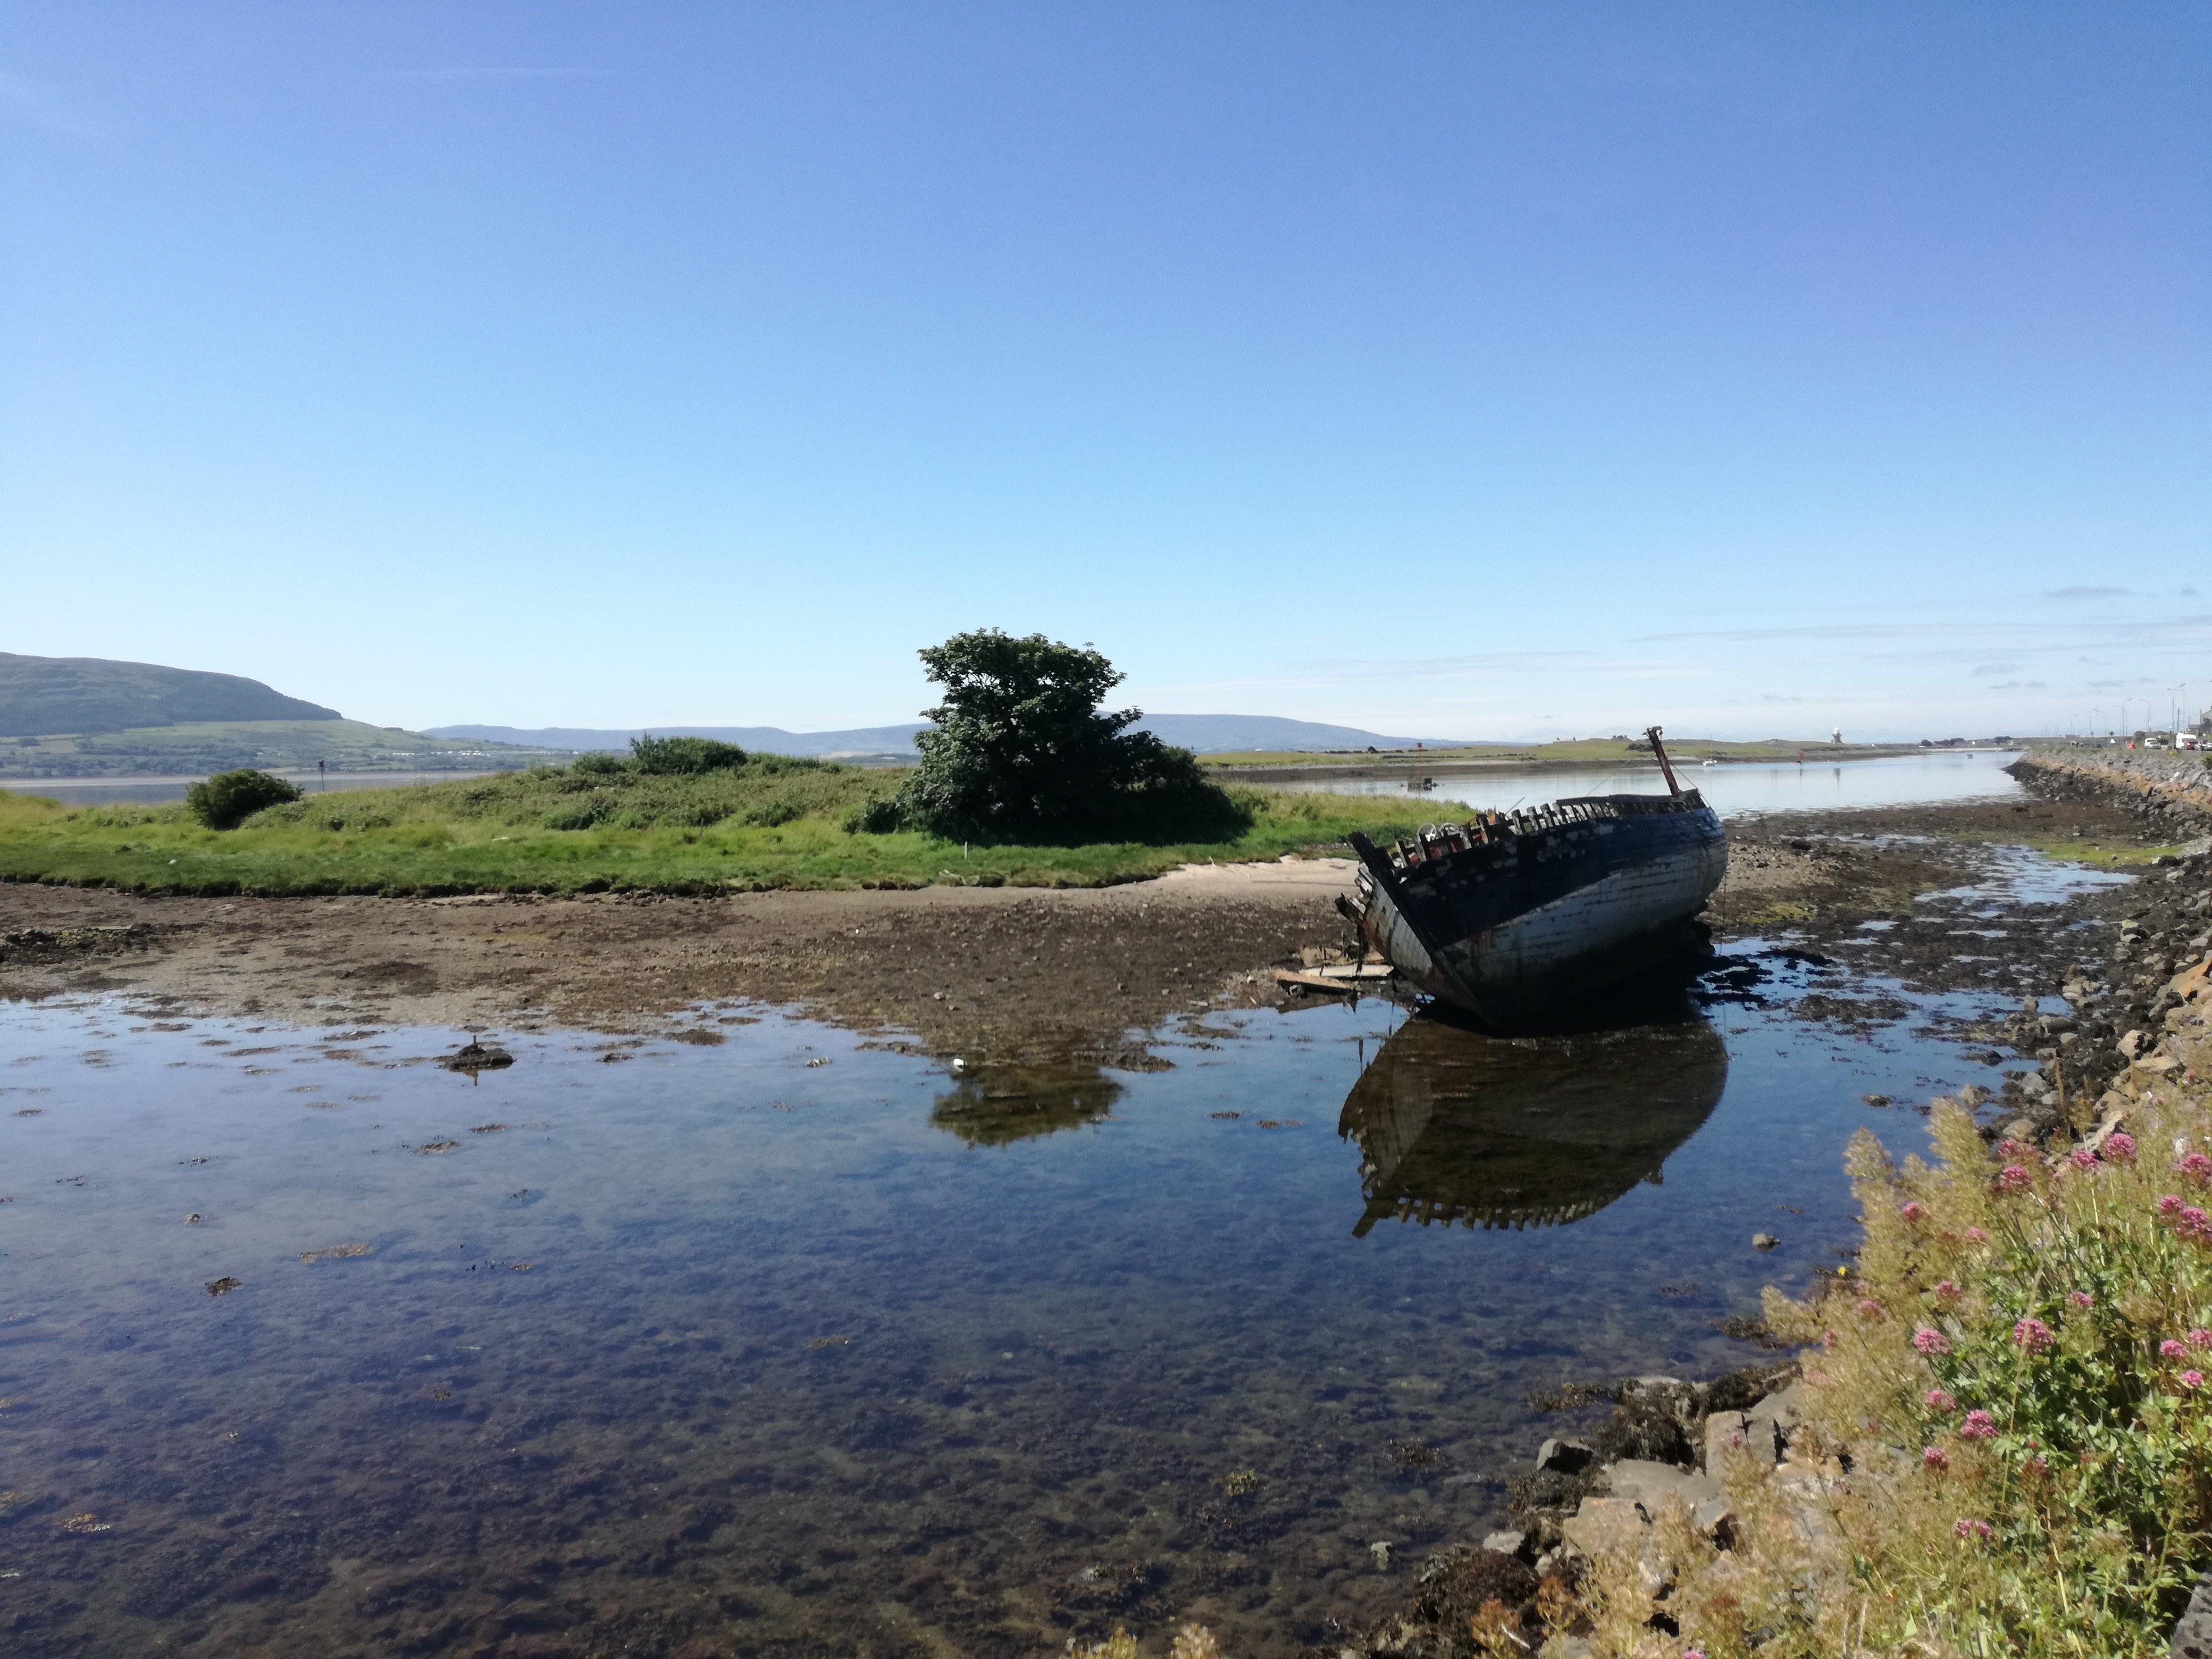 Foto scattata a Rosses Point, Sligo.